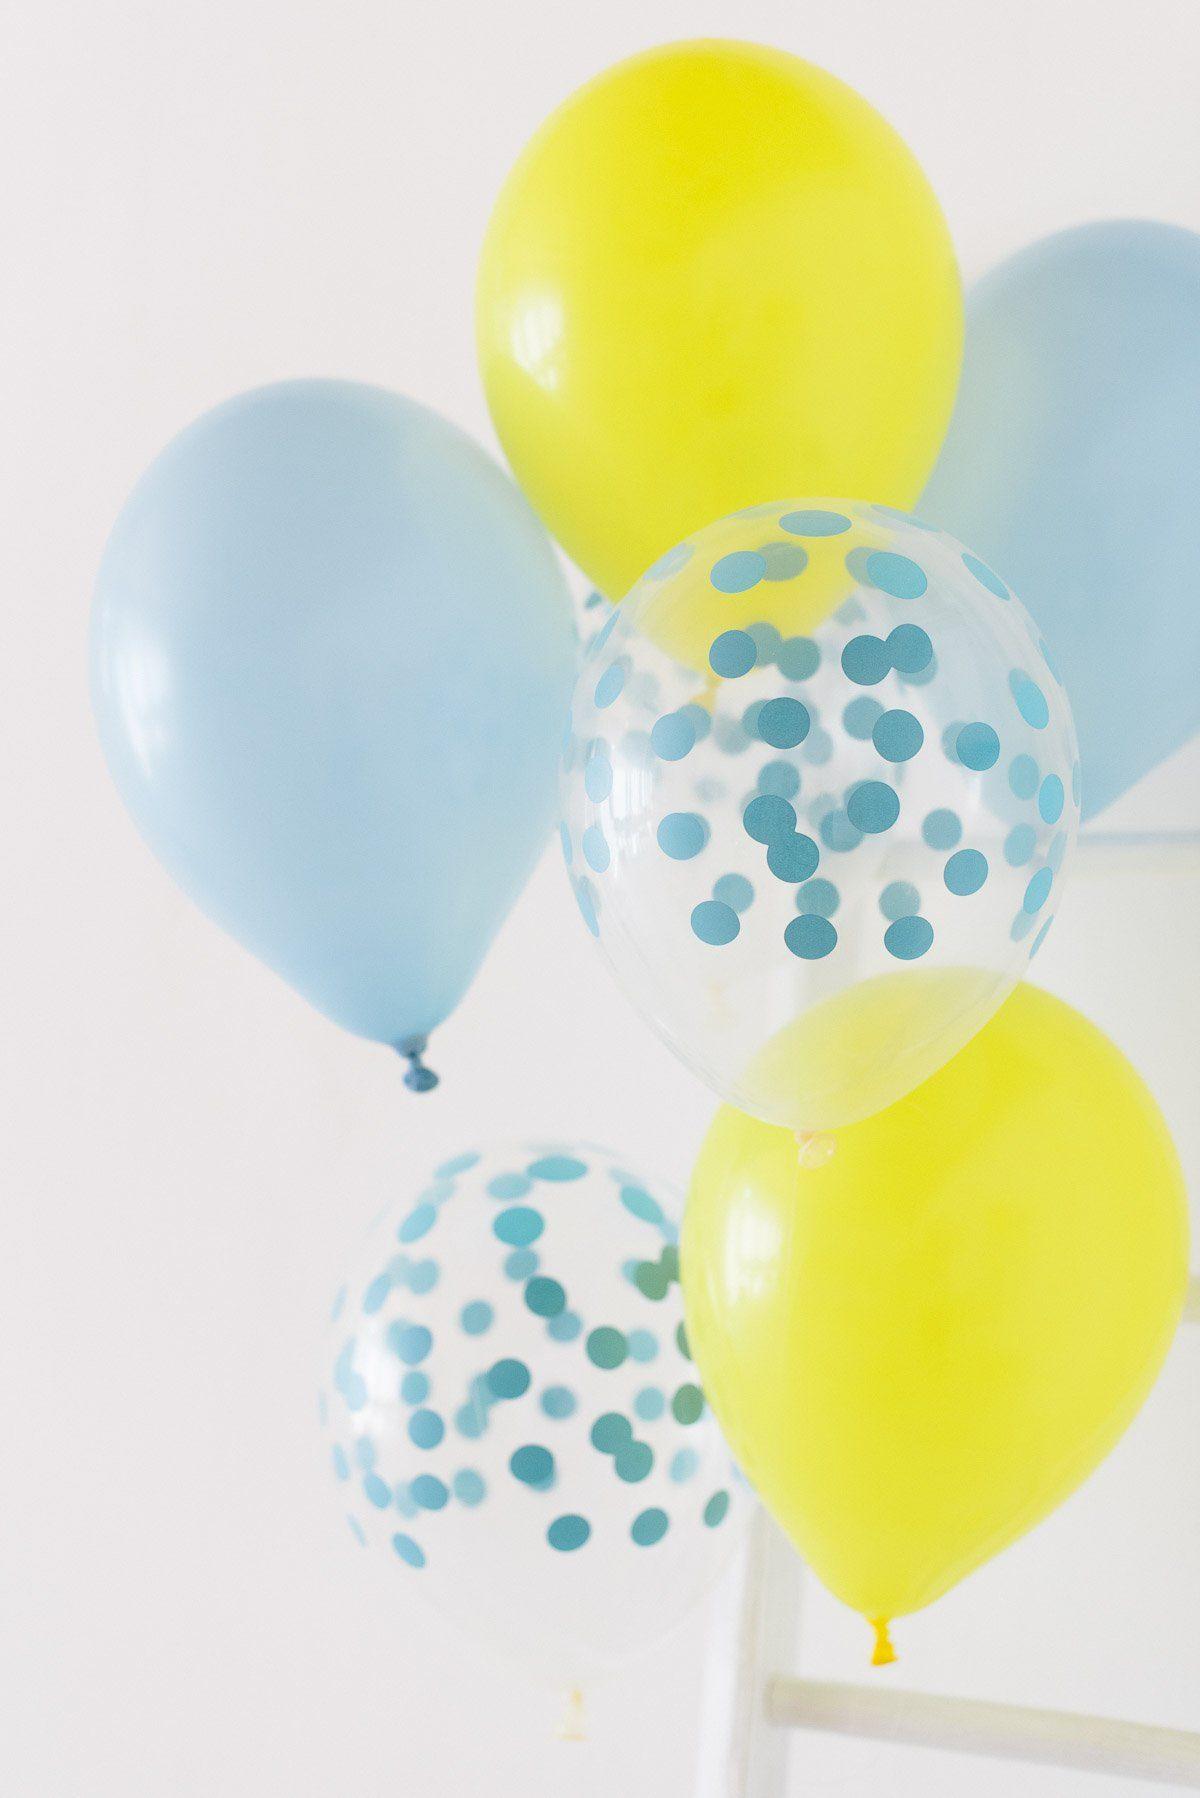 Gelbe und blaue Ballons mit Konfetti